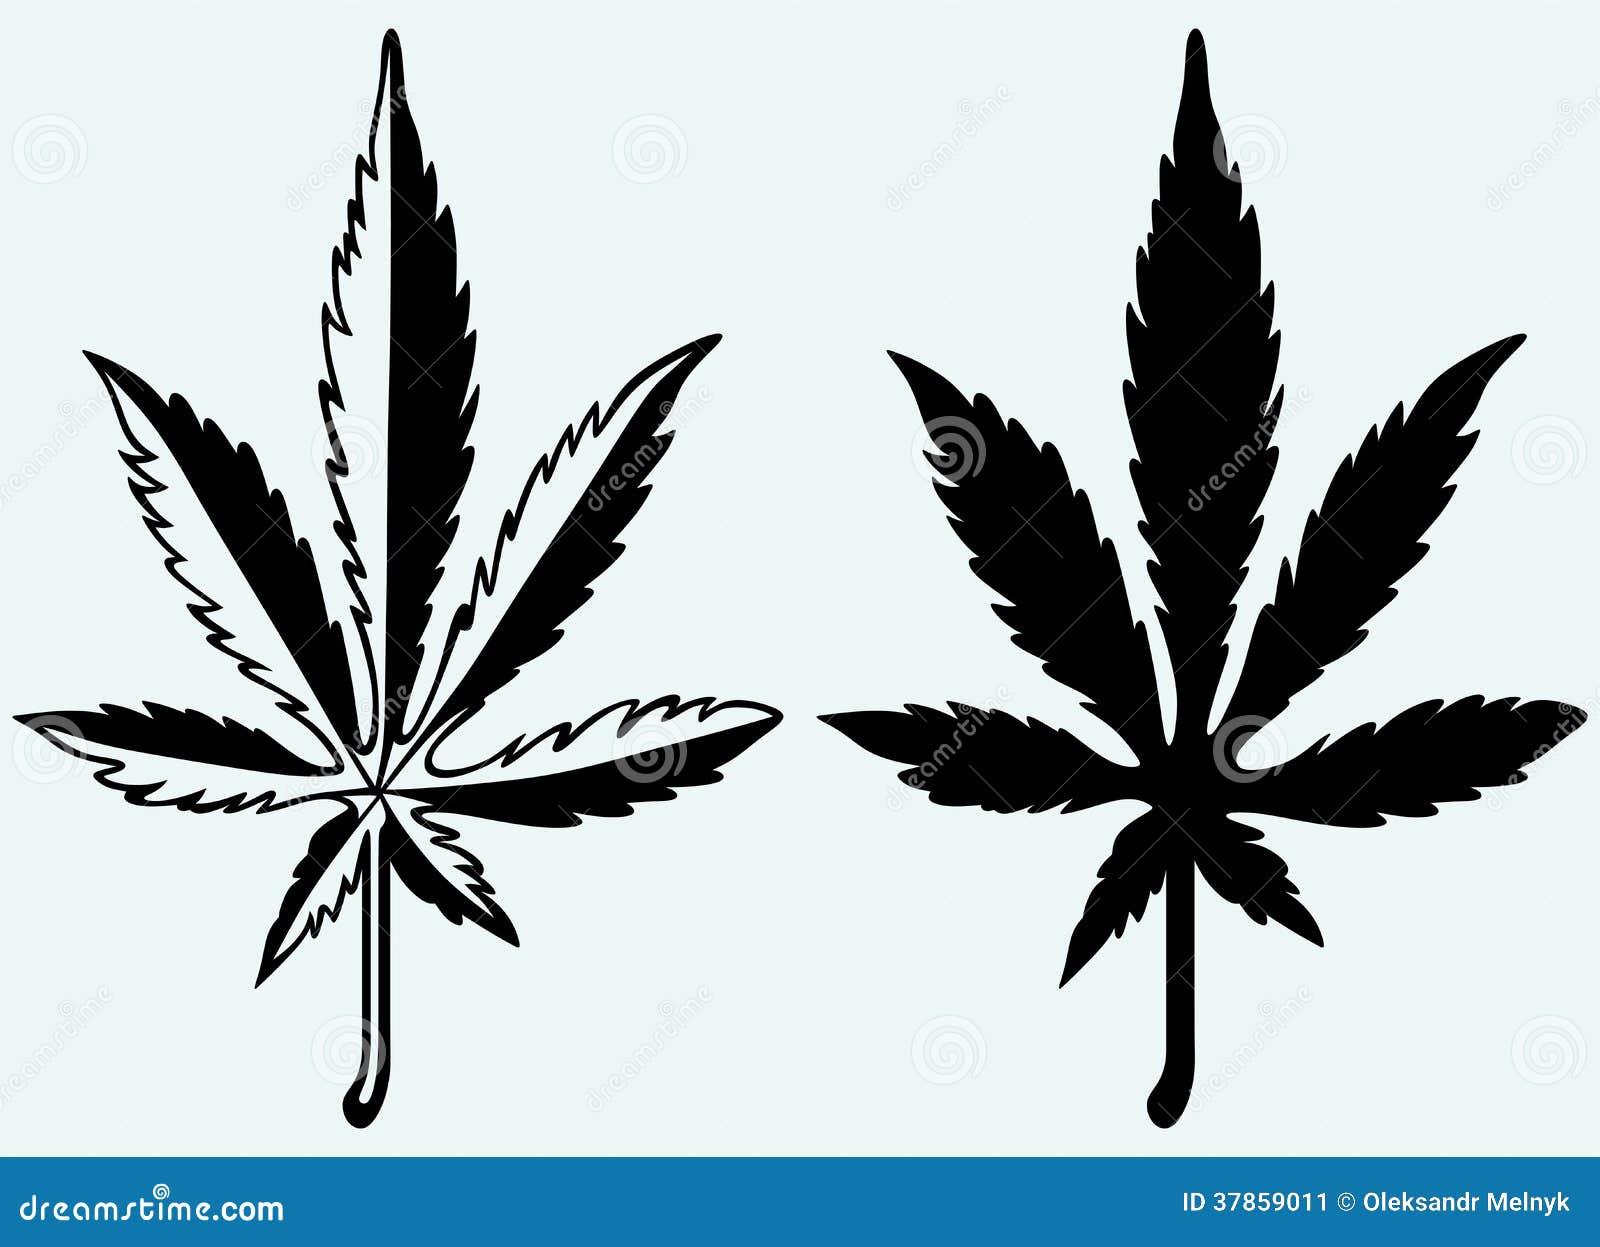 cannabis leaf silhouette marijuana image